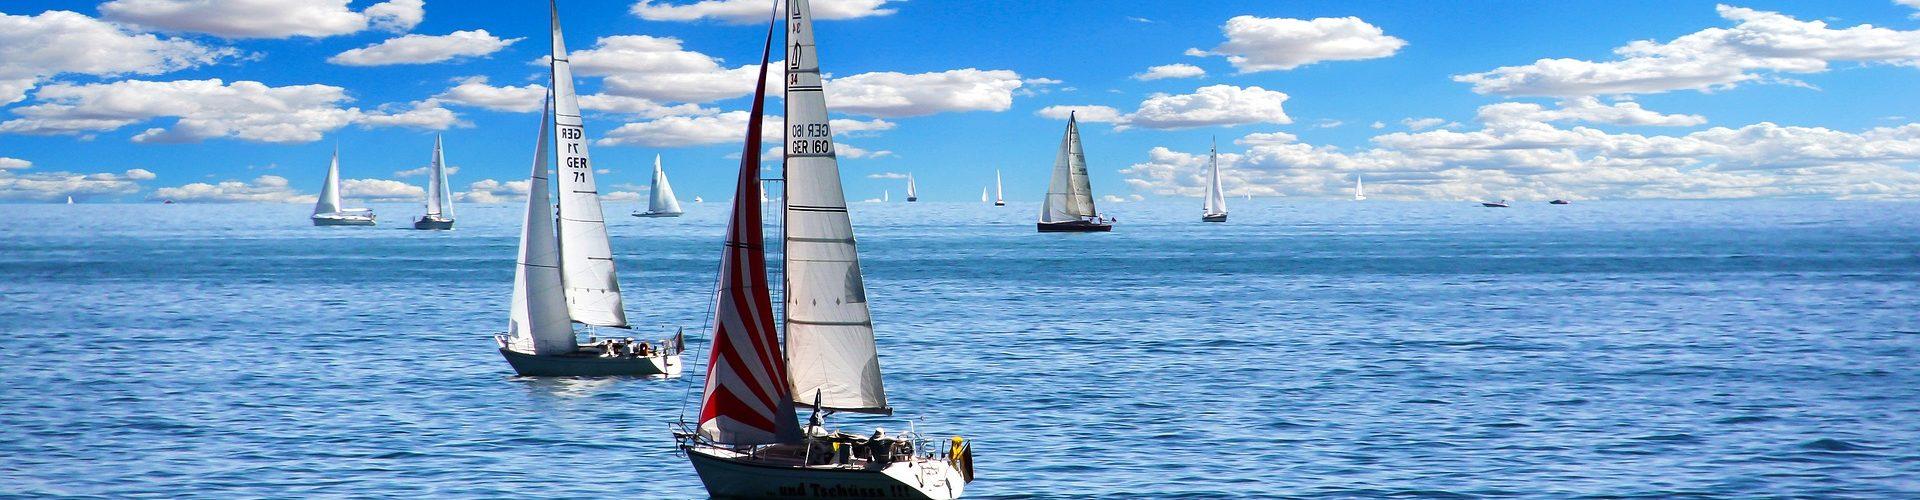 segeln lernen in Tönisvorst segelschein machen in Tönisvorst 1920x500 - Segeln lernen in Tönisvorst